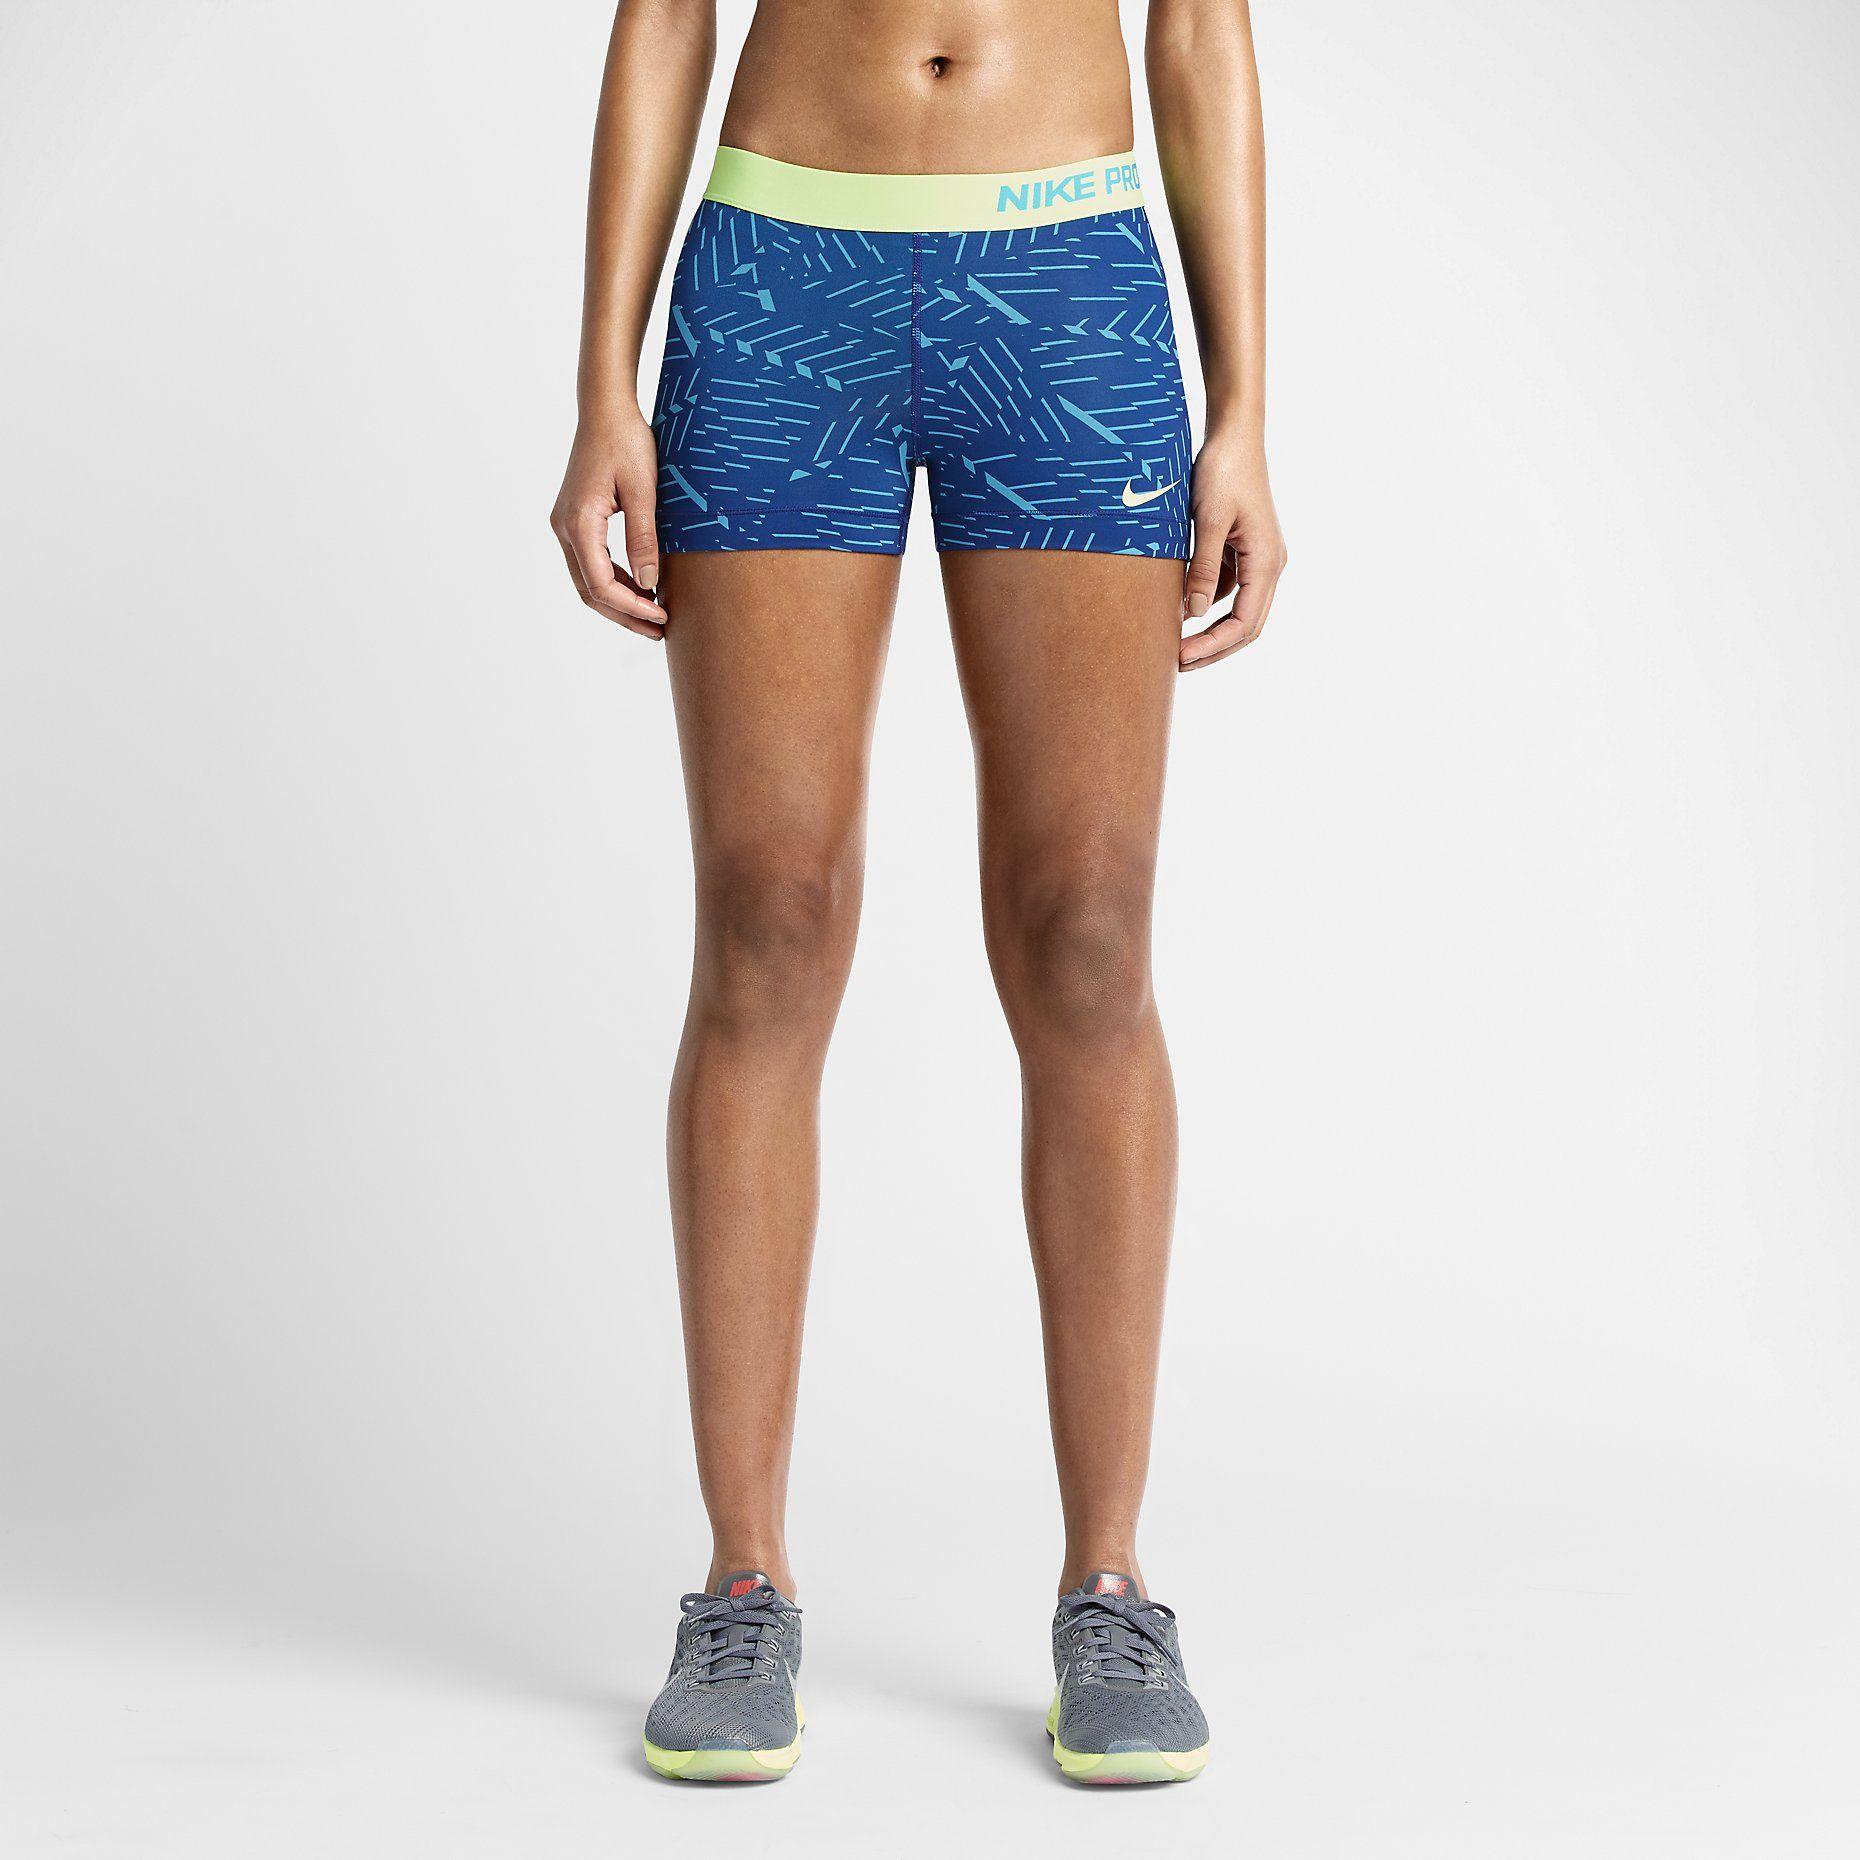 Nike Pro 3 Bash Womens Training Shorts Nike Store Nike